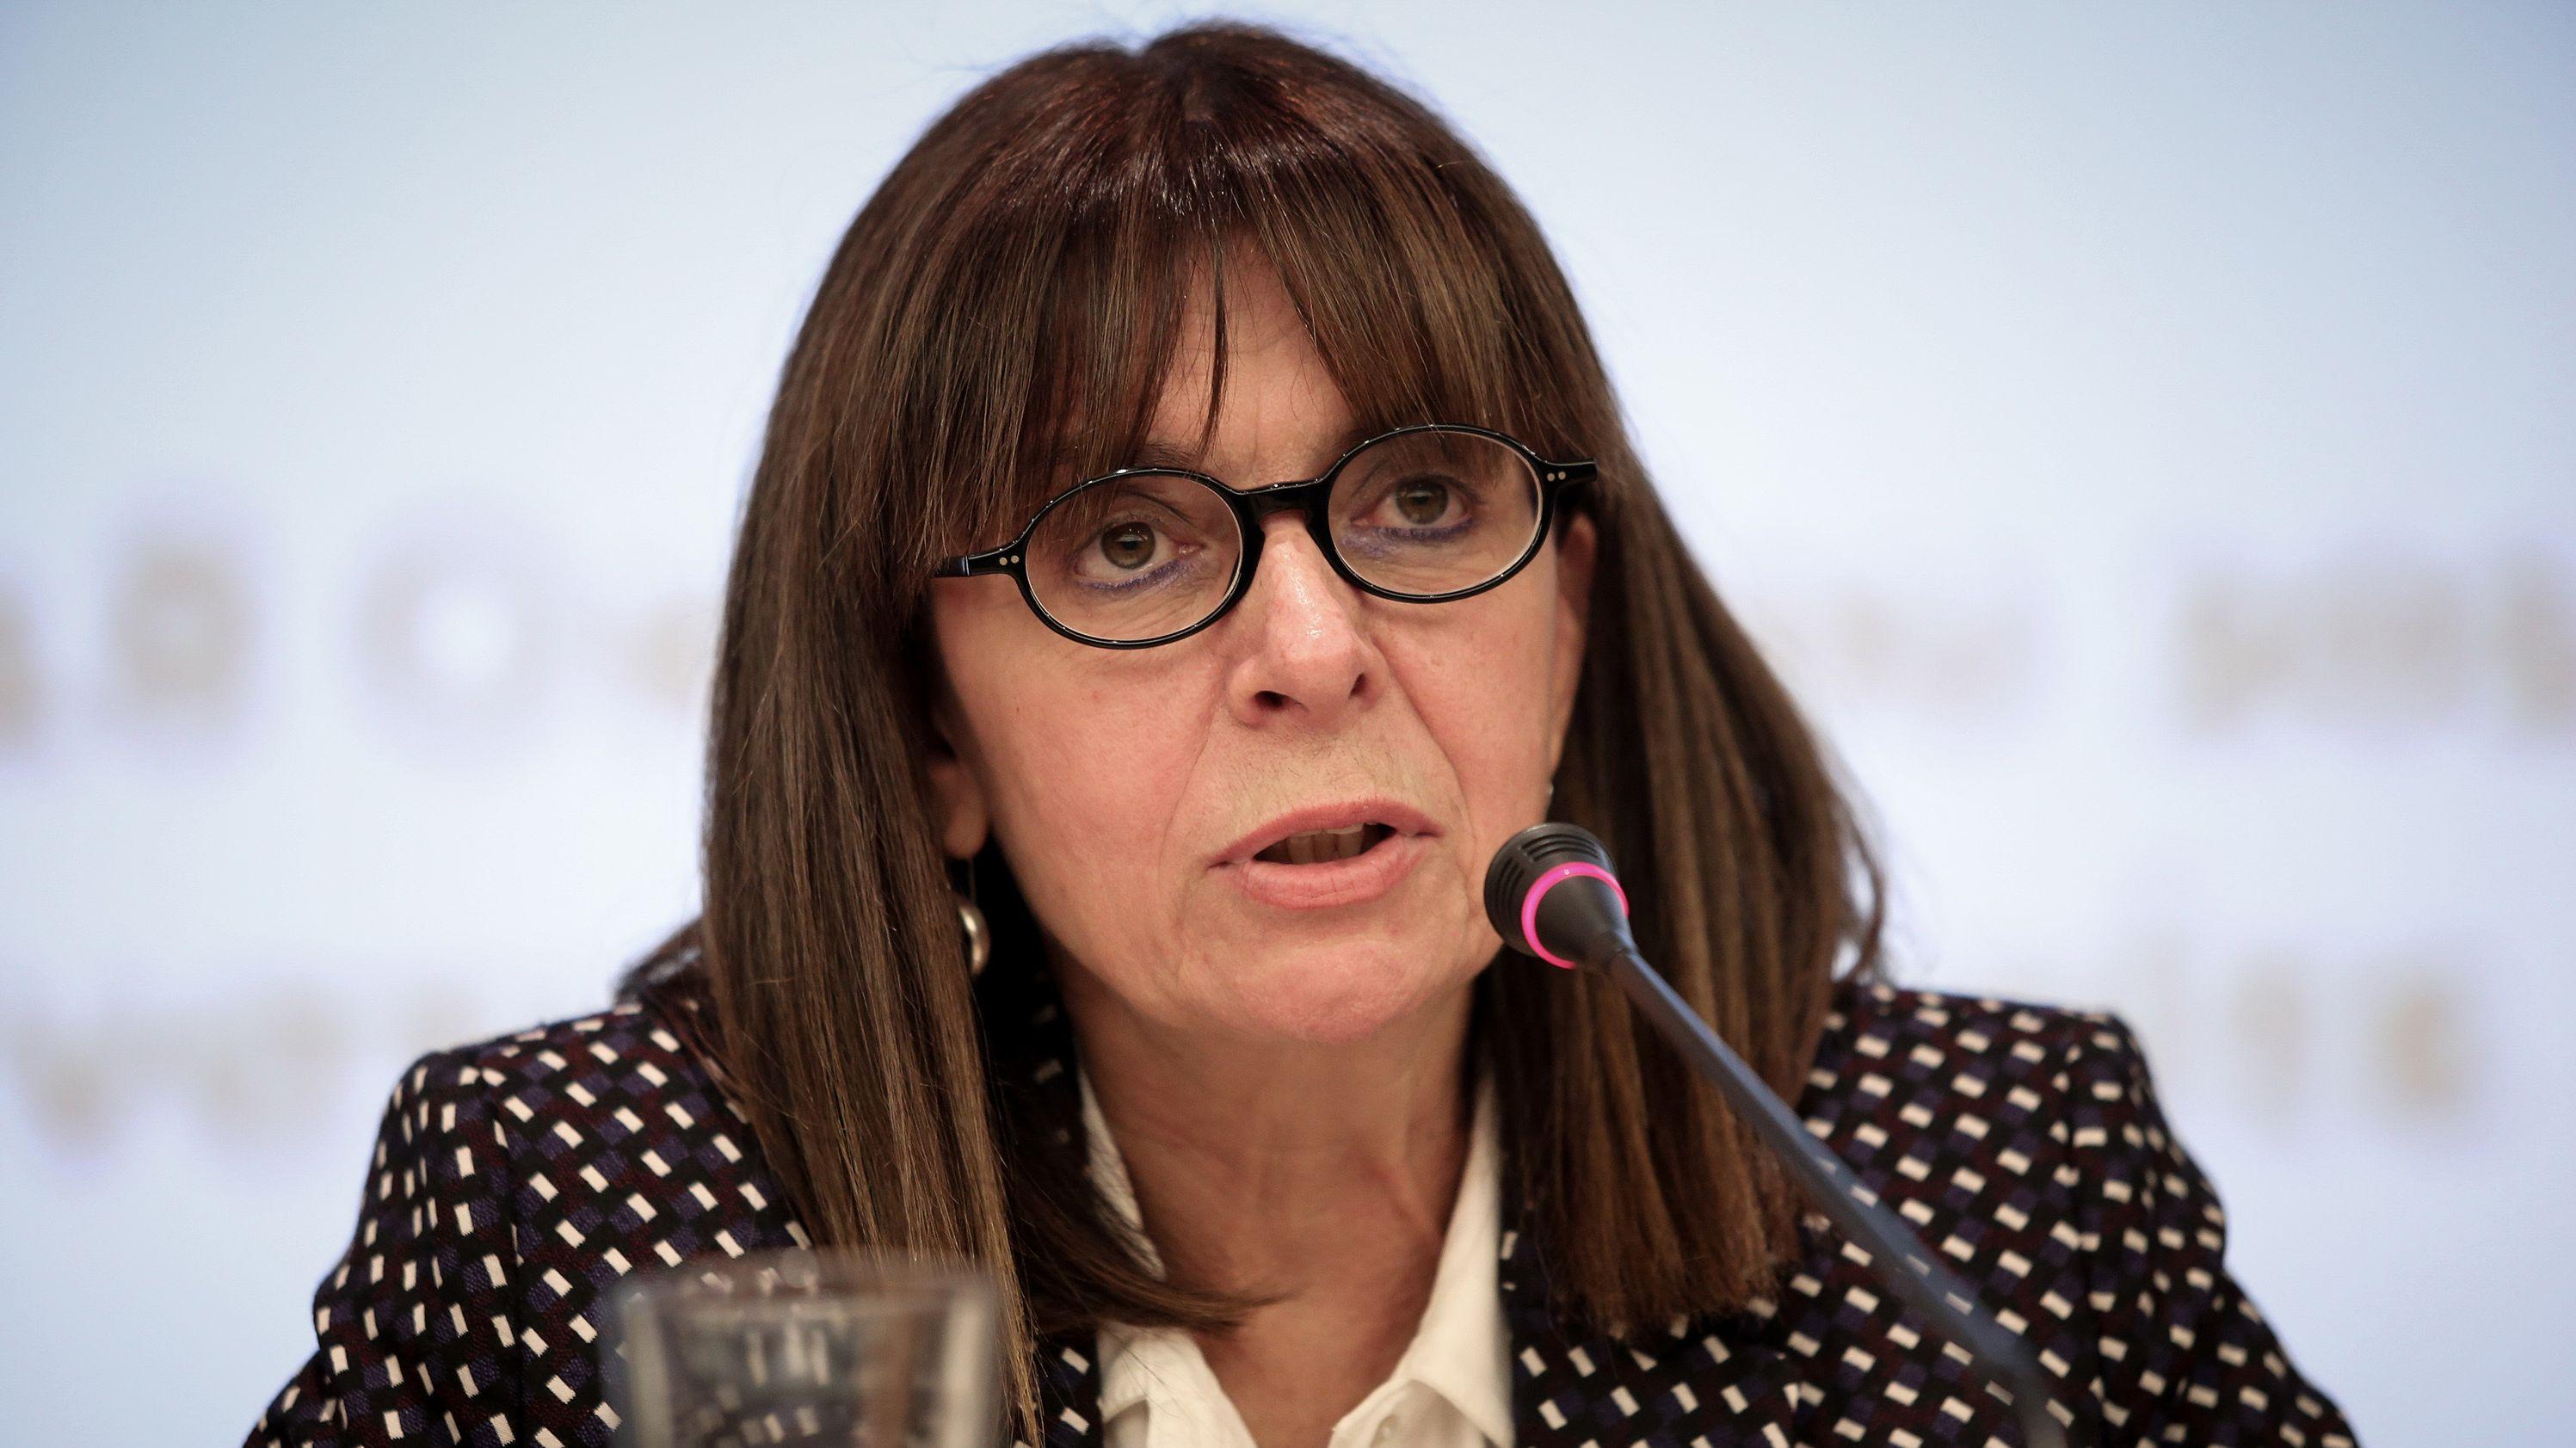 Sie ist die erste weibliche Staatspräsidentin in Griechenland: Die Juristin Ekaterini Sakellaropoulou.